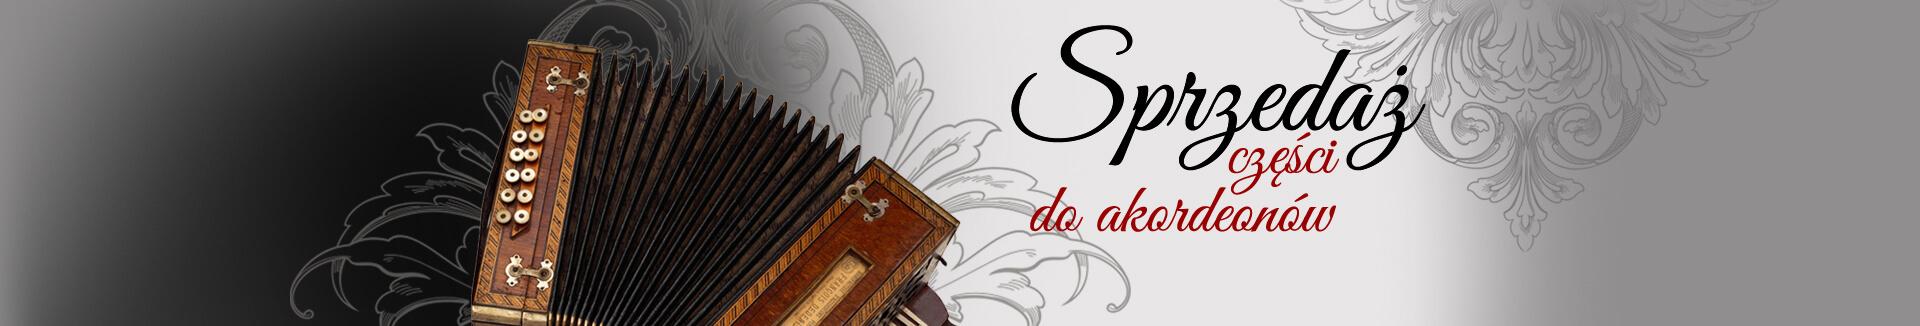 Części do akordeonów - Sprzedaż - slider